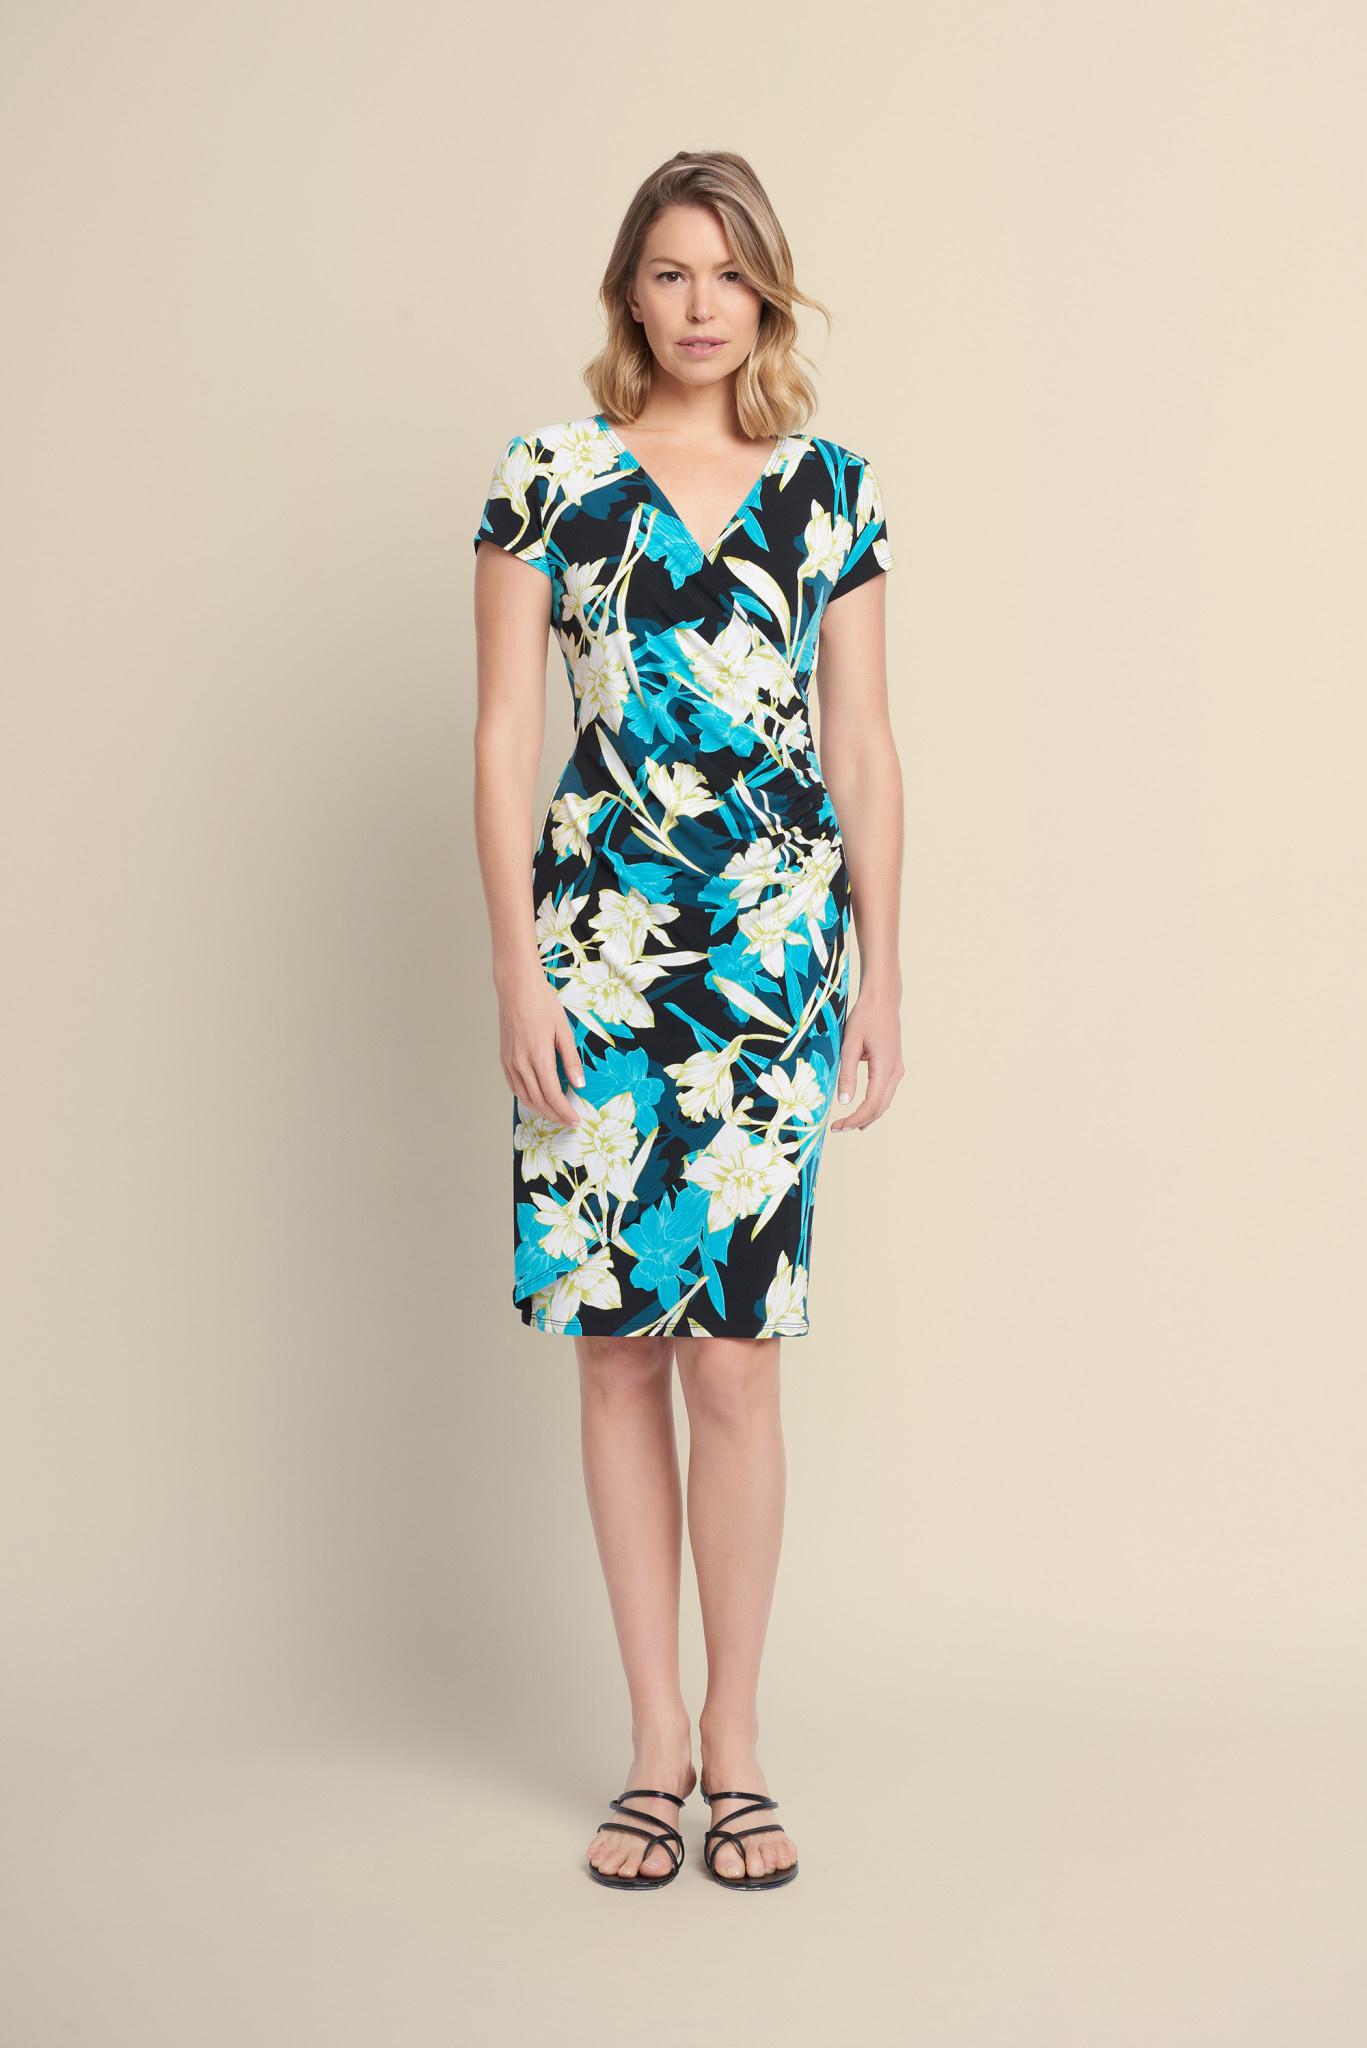 Aqua Print Crossover Dress